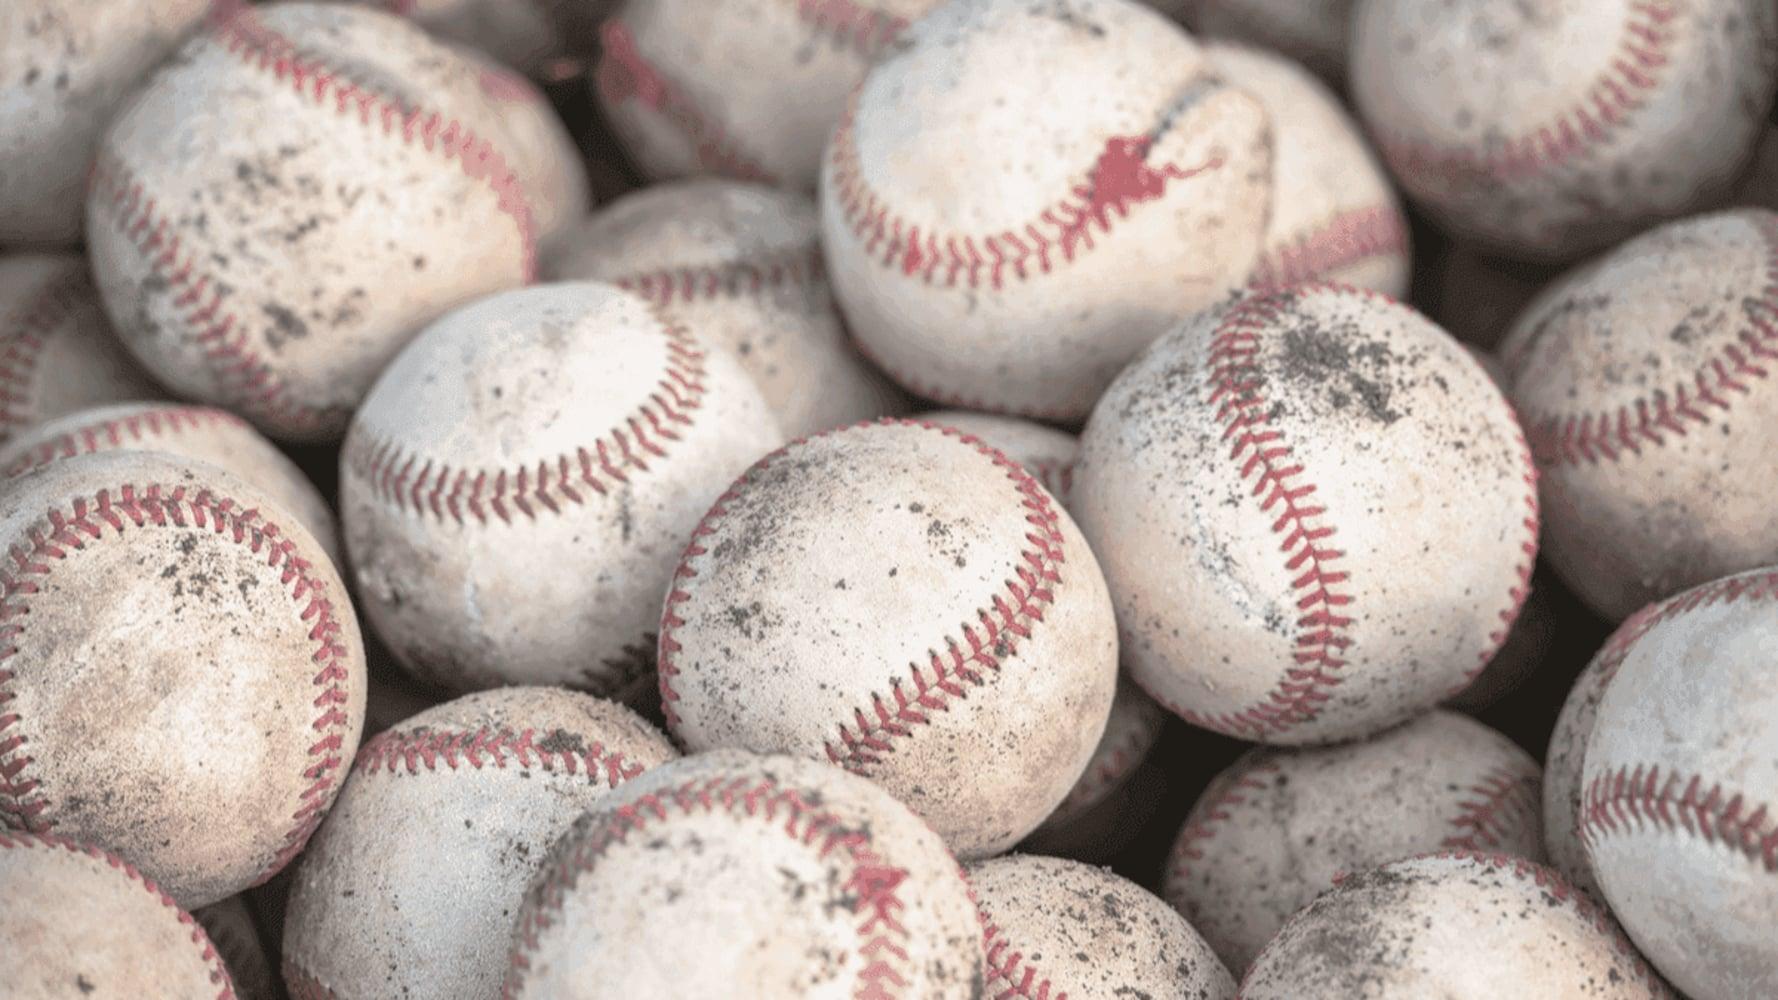 対応球|専用ボールのみの物も!軟式や硬式用など使用可能な球を確認